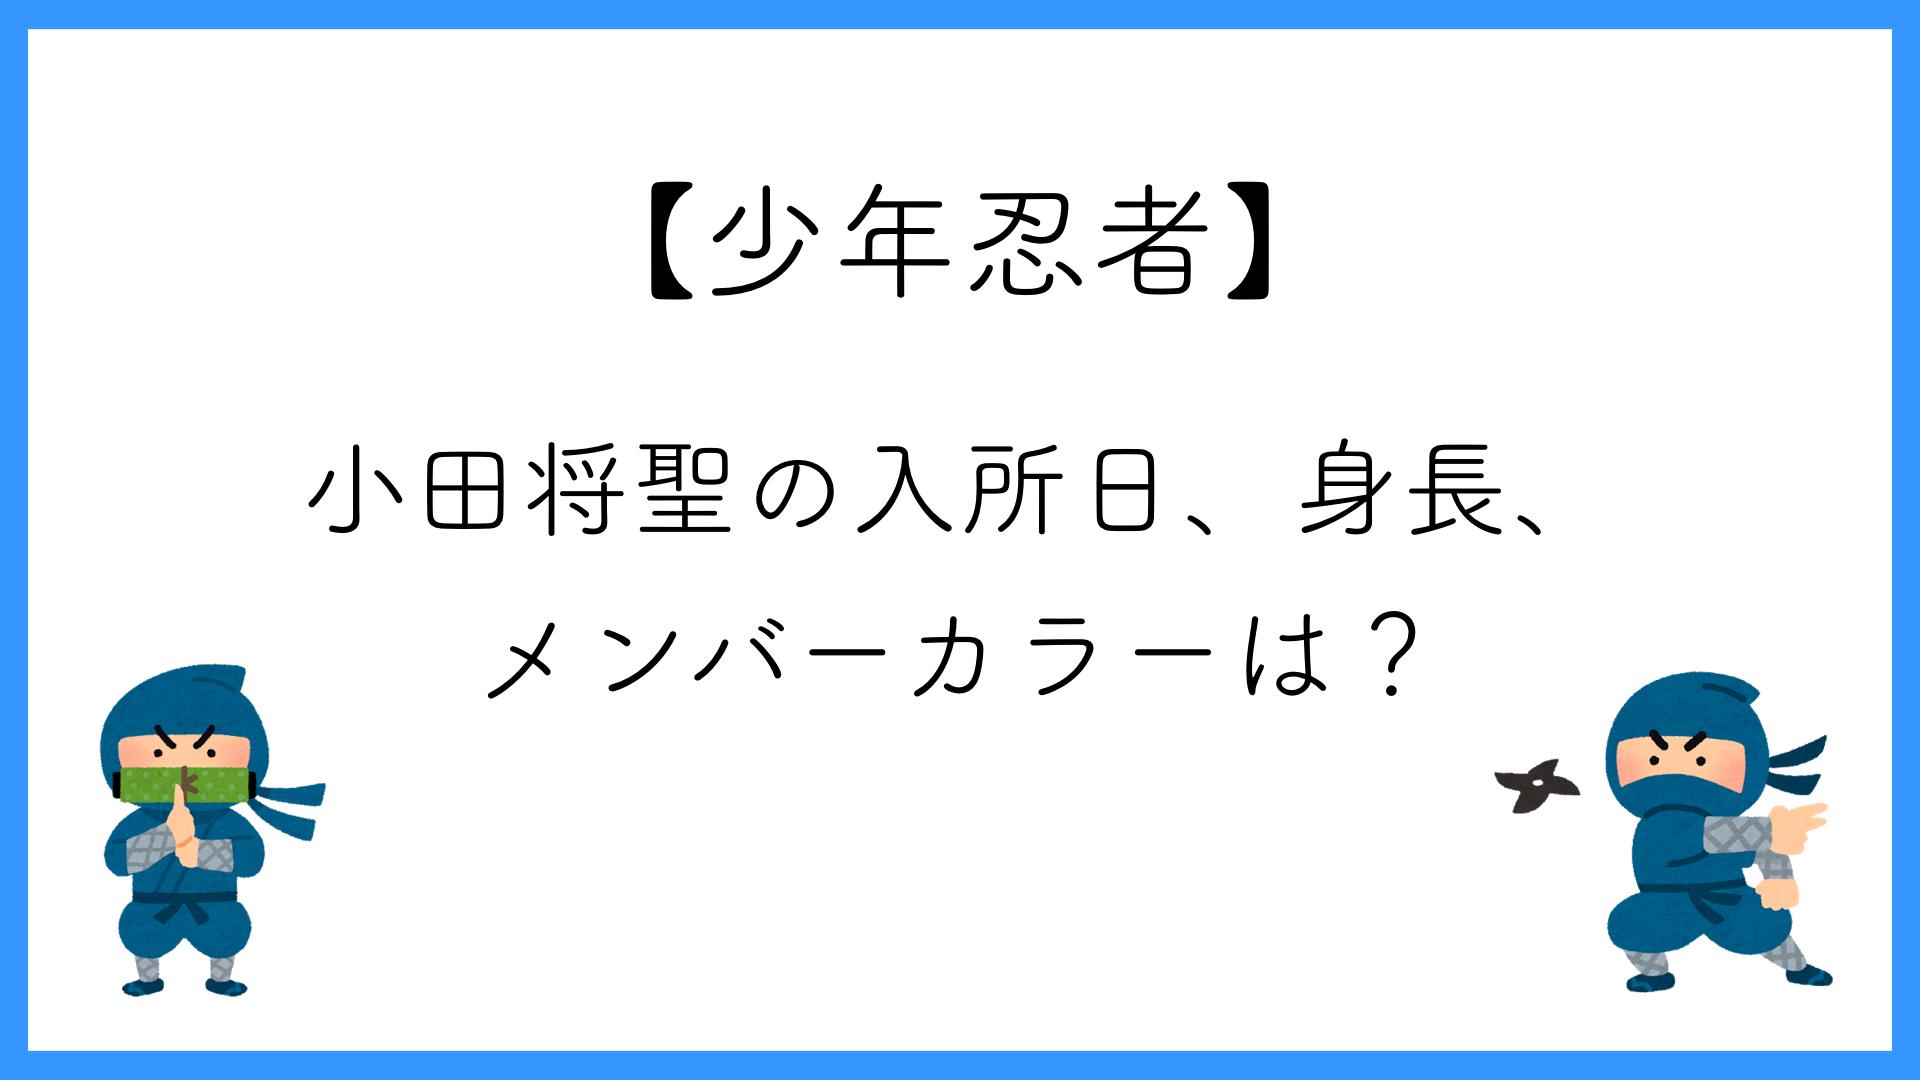 【少年忍者】小田将聖の入所日、身長、メンバーカラーは?